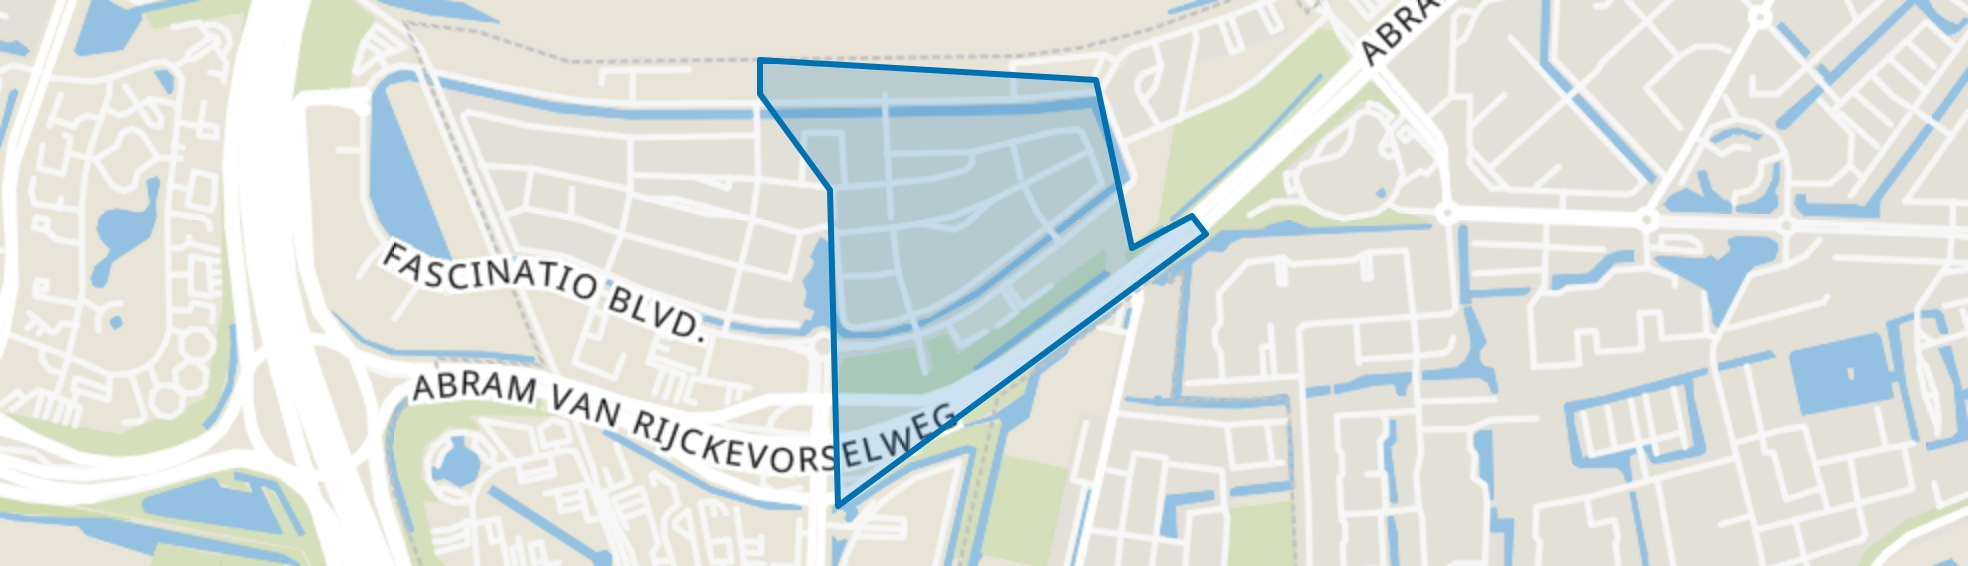 Fascinatio-oost, Capelle aan den IJssel map